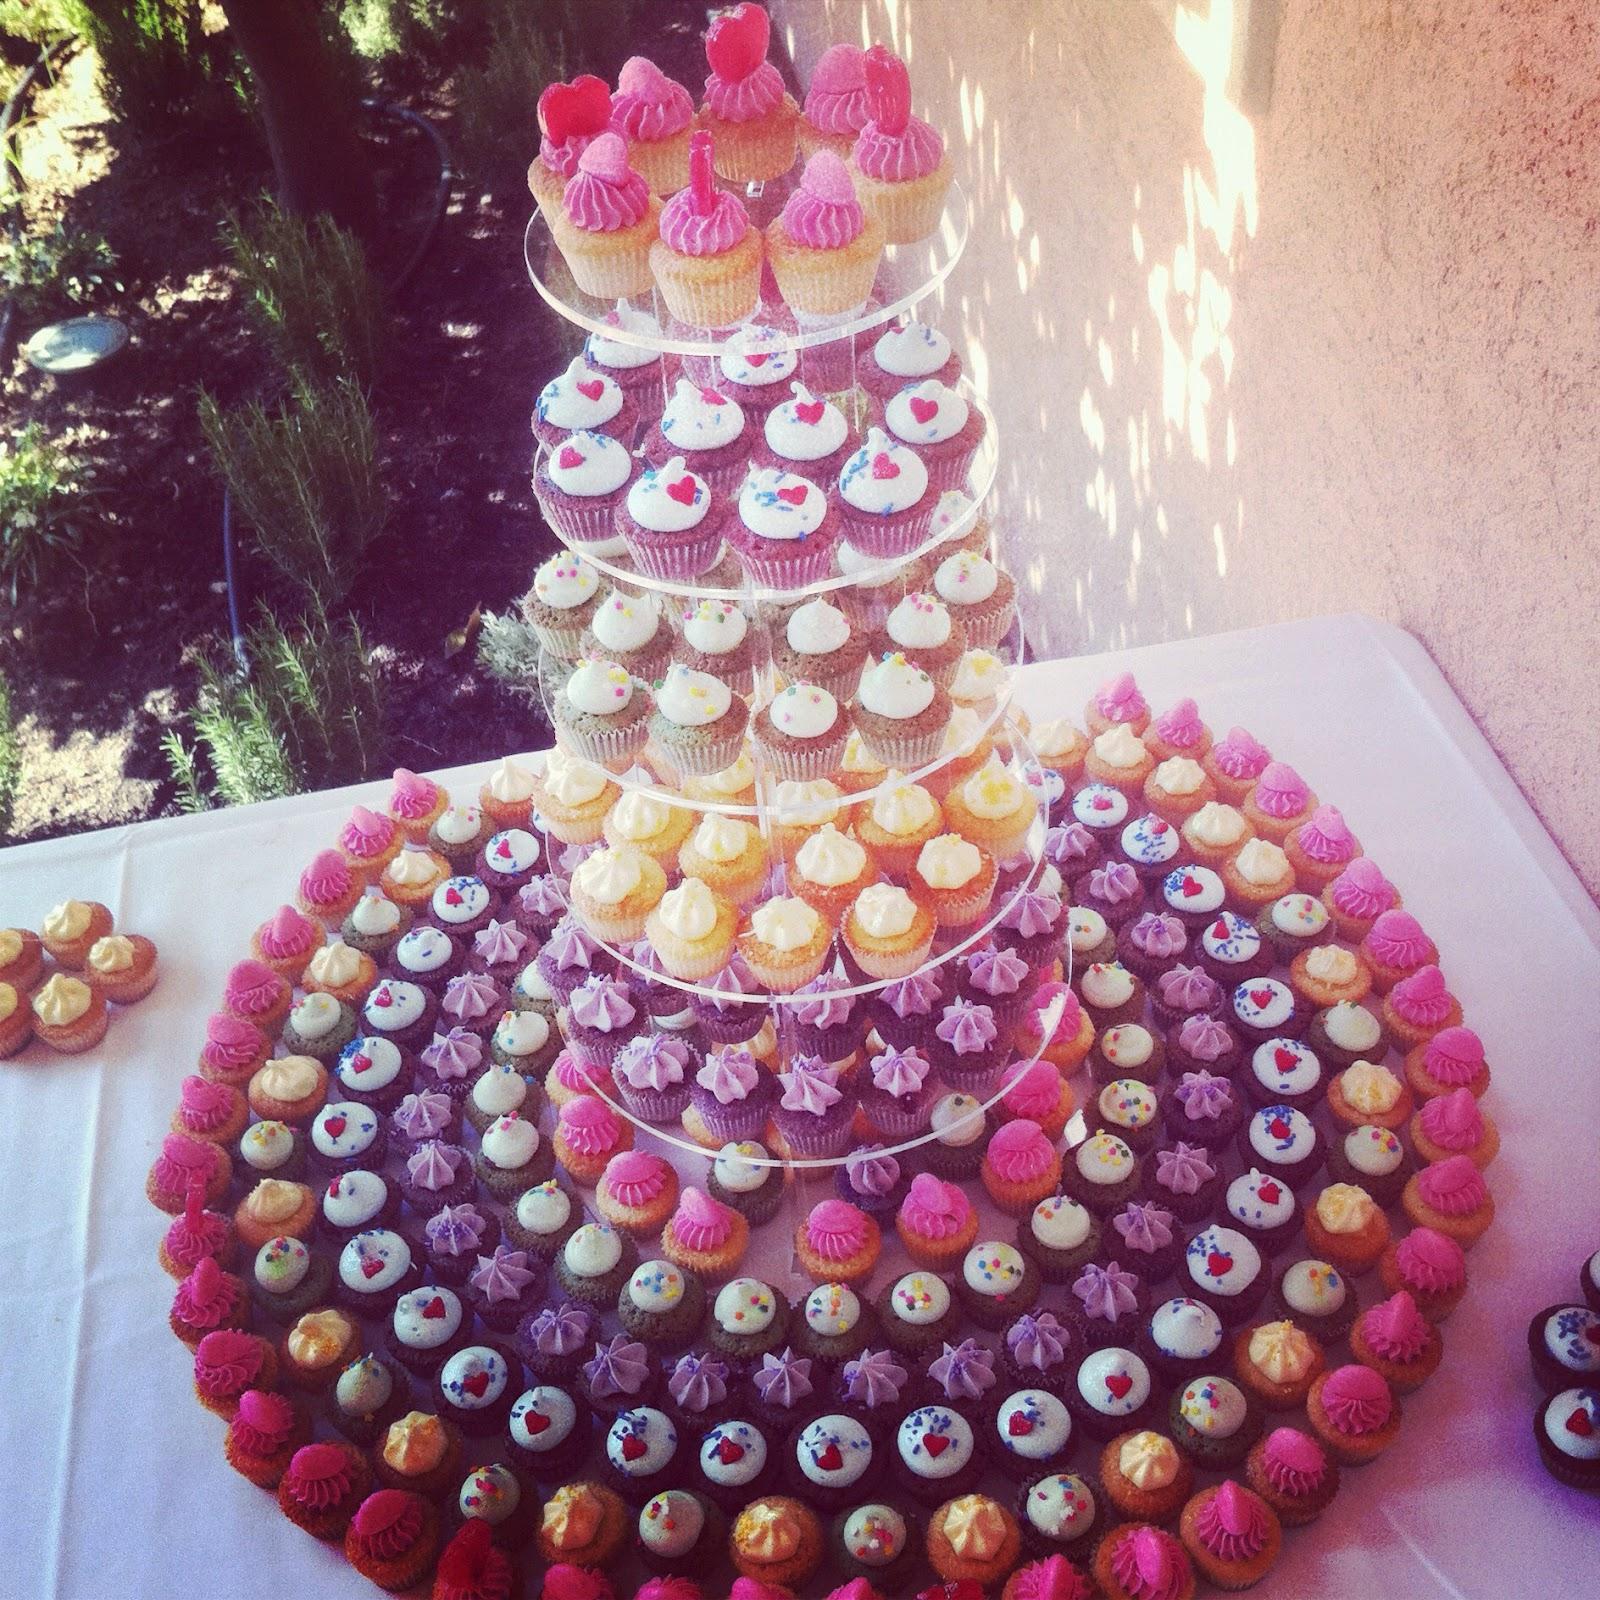 muffin et glaçage colorée